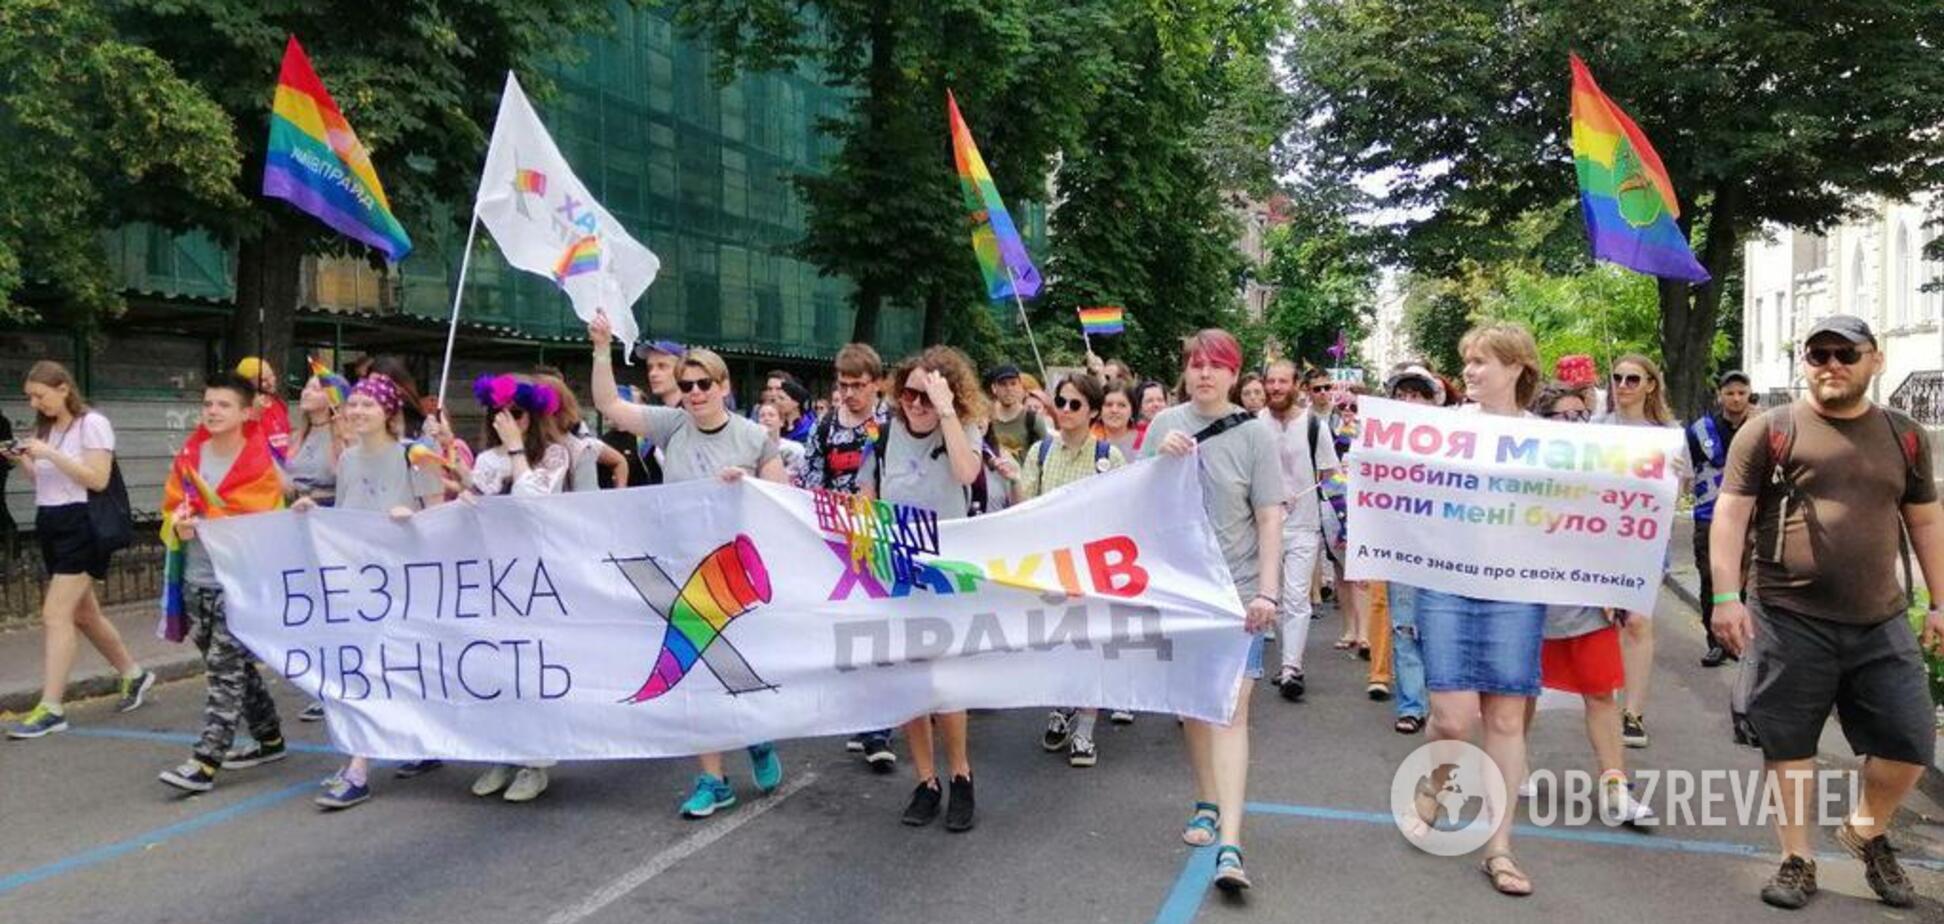 'Называли п**ором': на Марш равенства в Киеве пришли ЛГБТ-военные